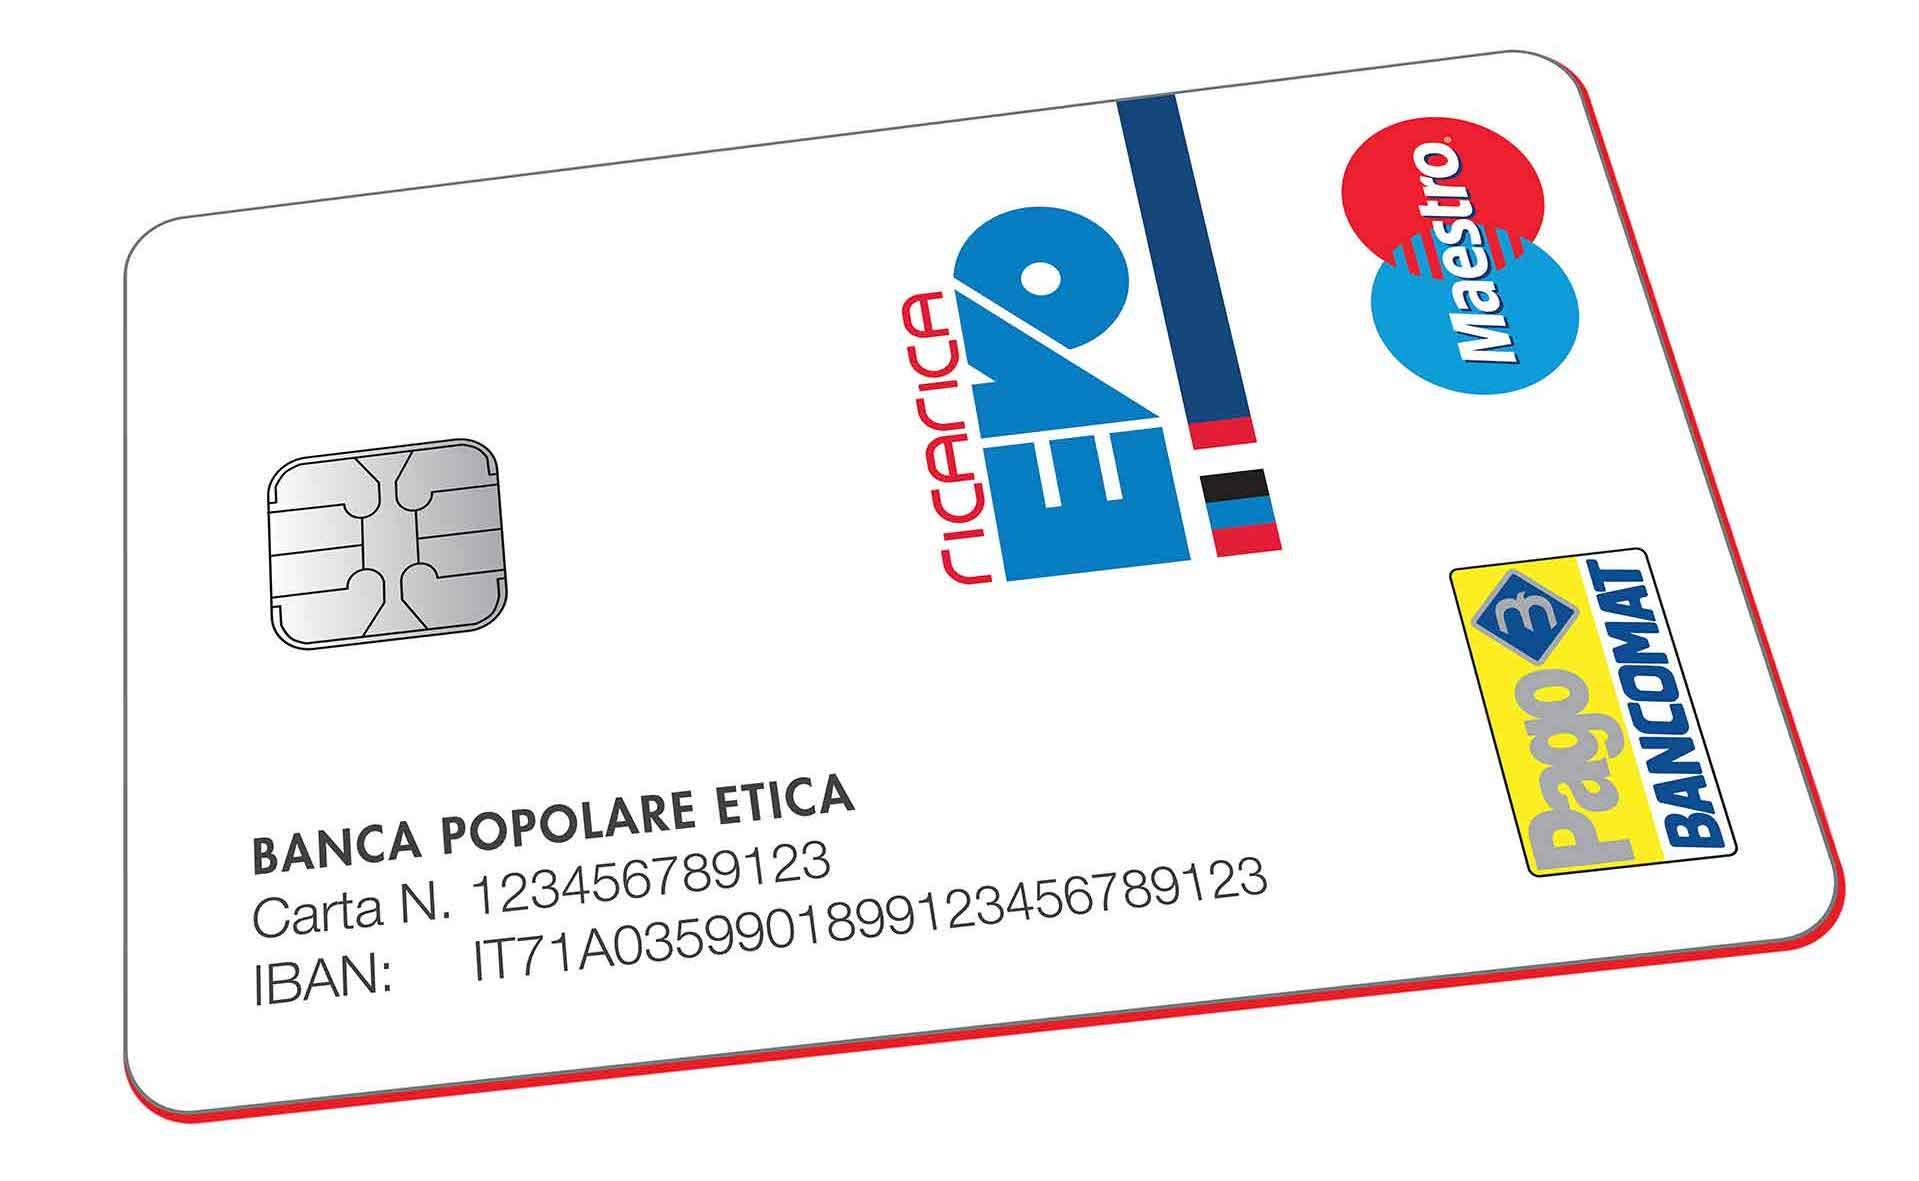 Carta Conto Banca Etica low